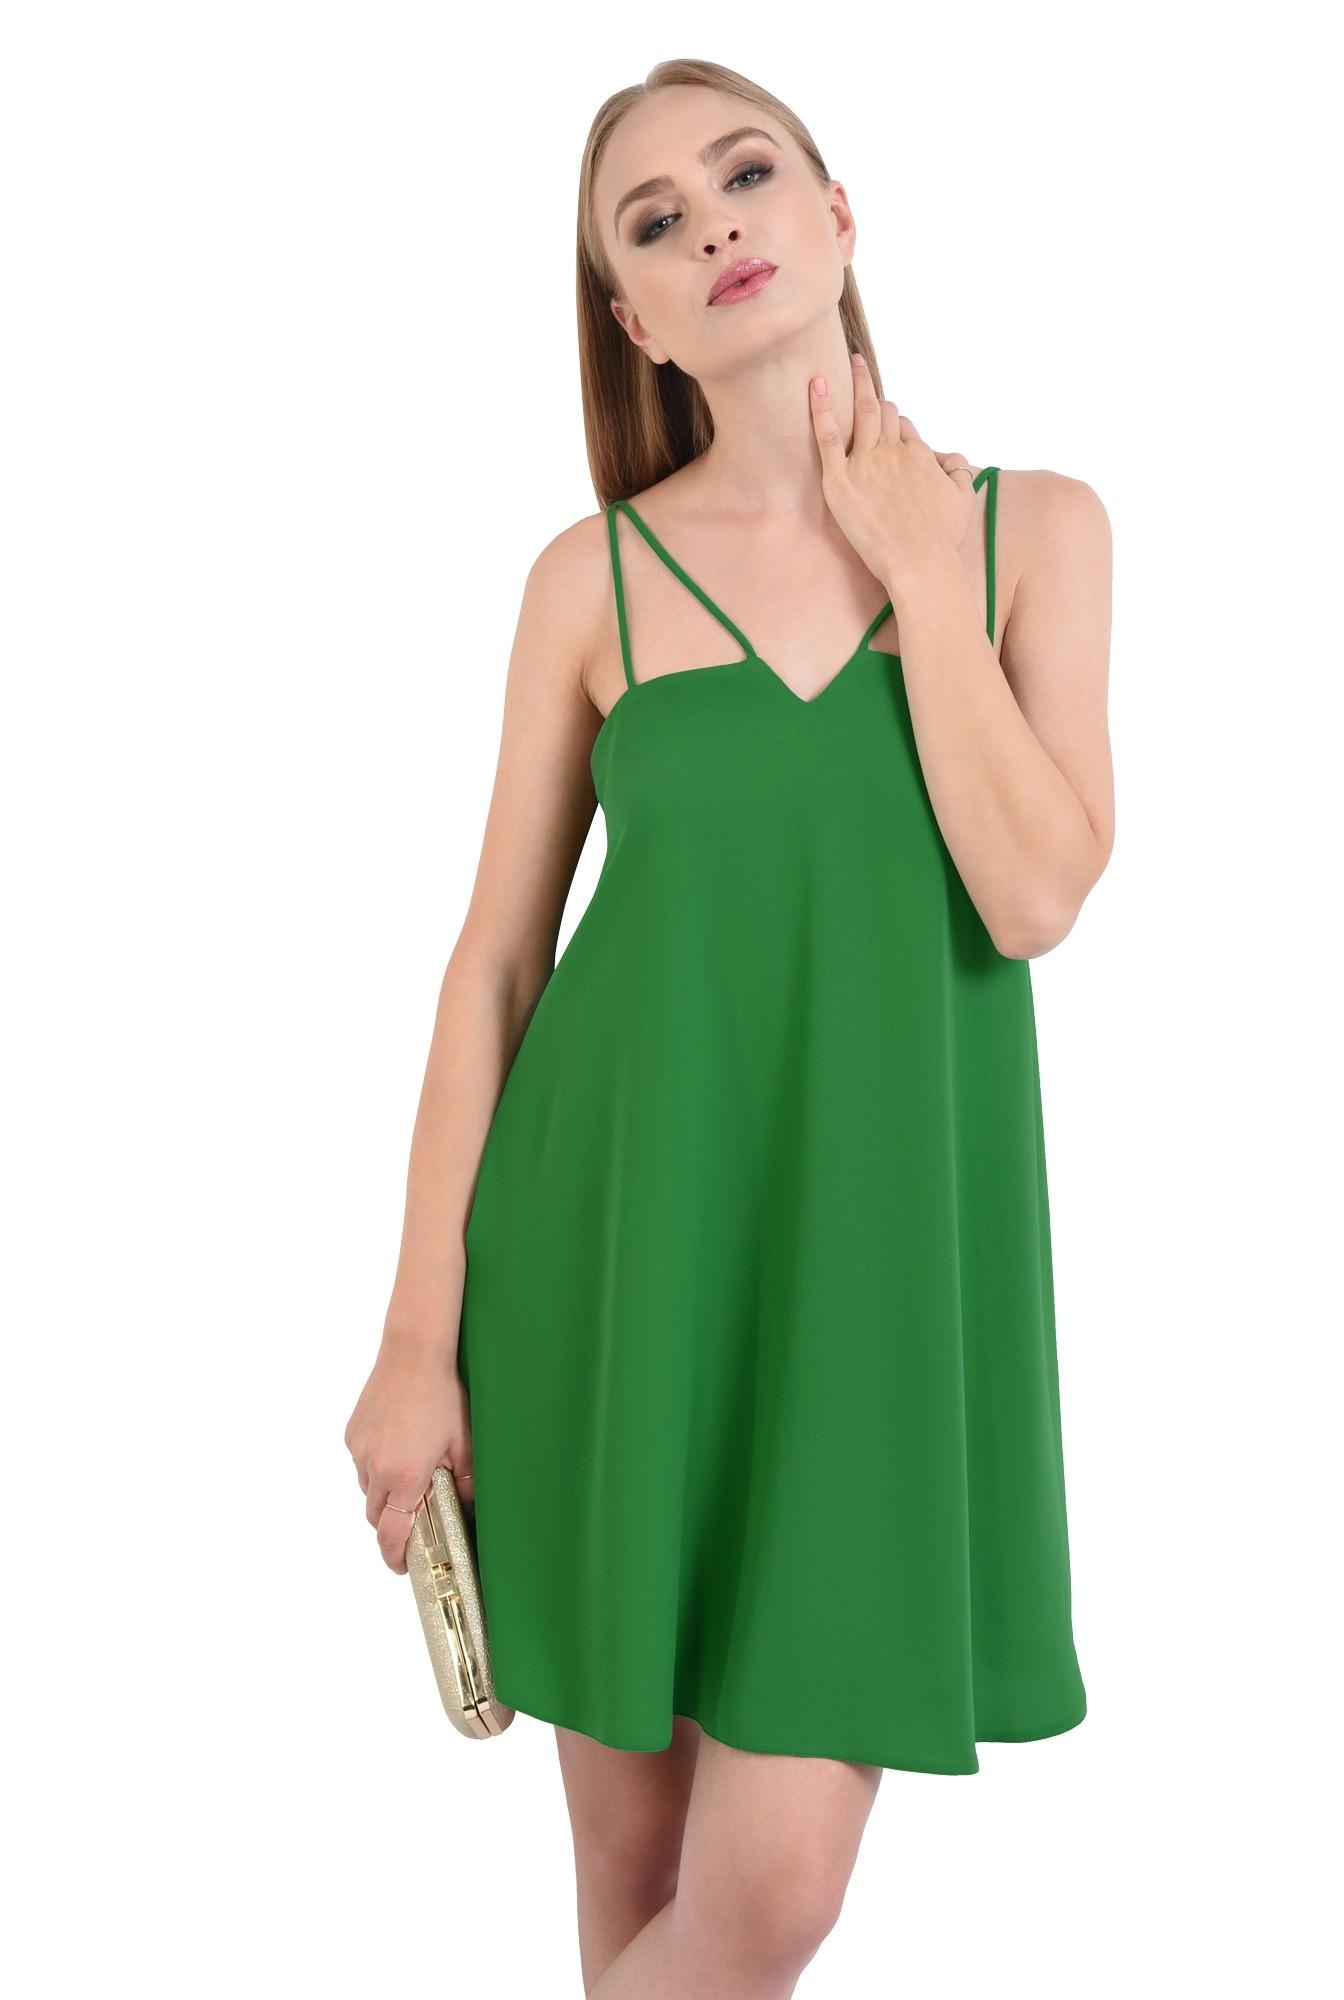 0 - rochie eleganta, scurta, bretele, verde